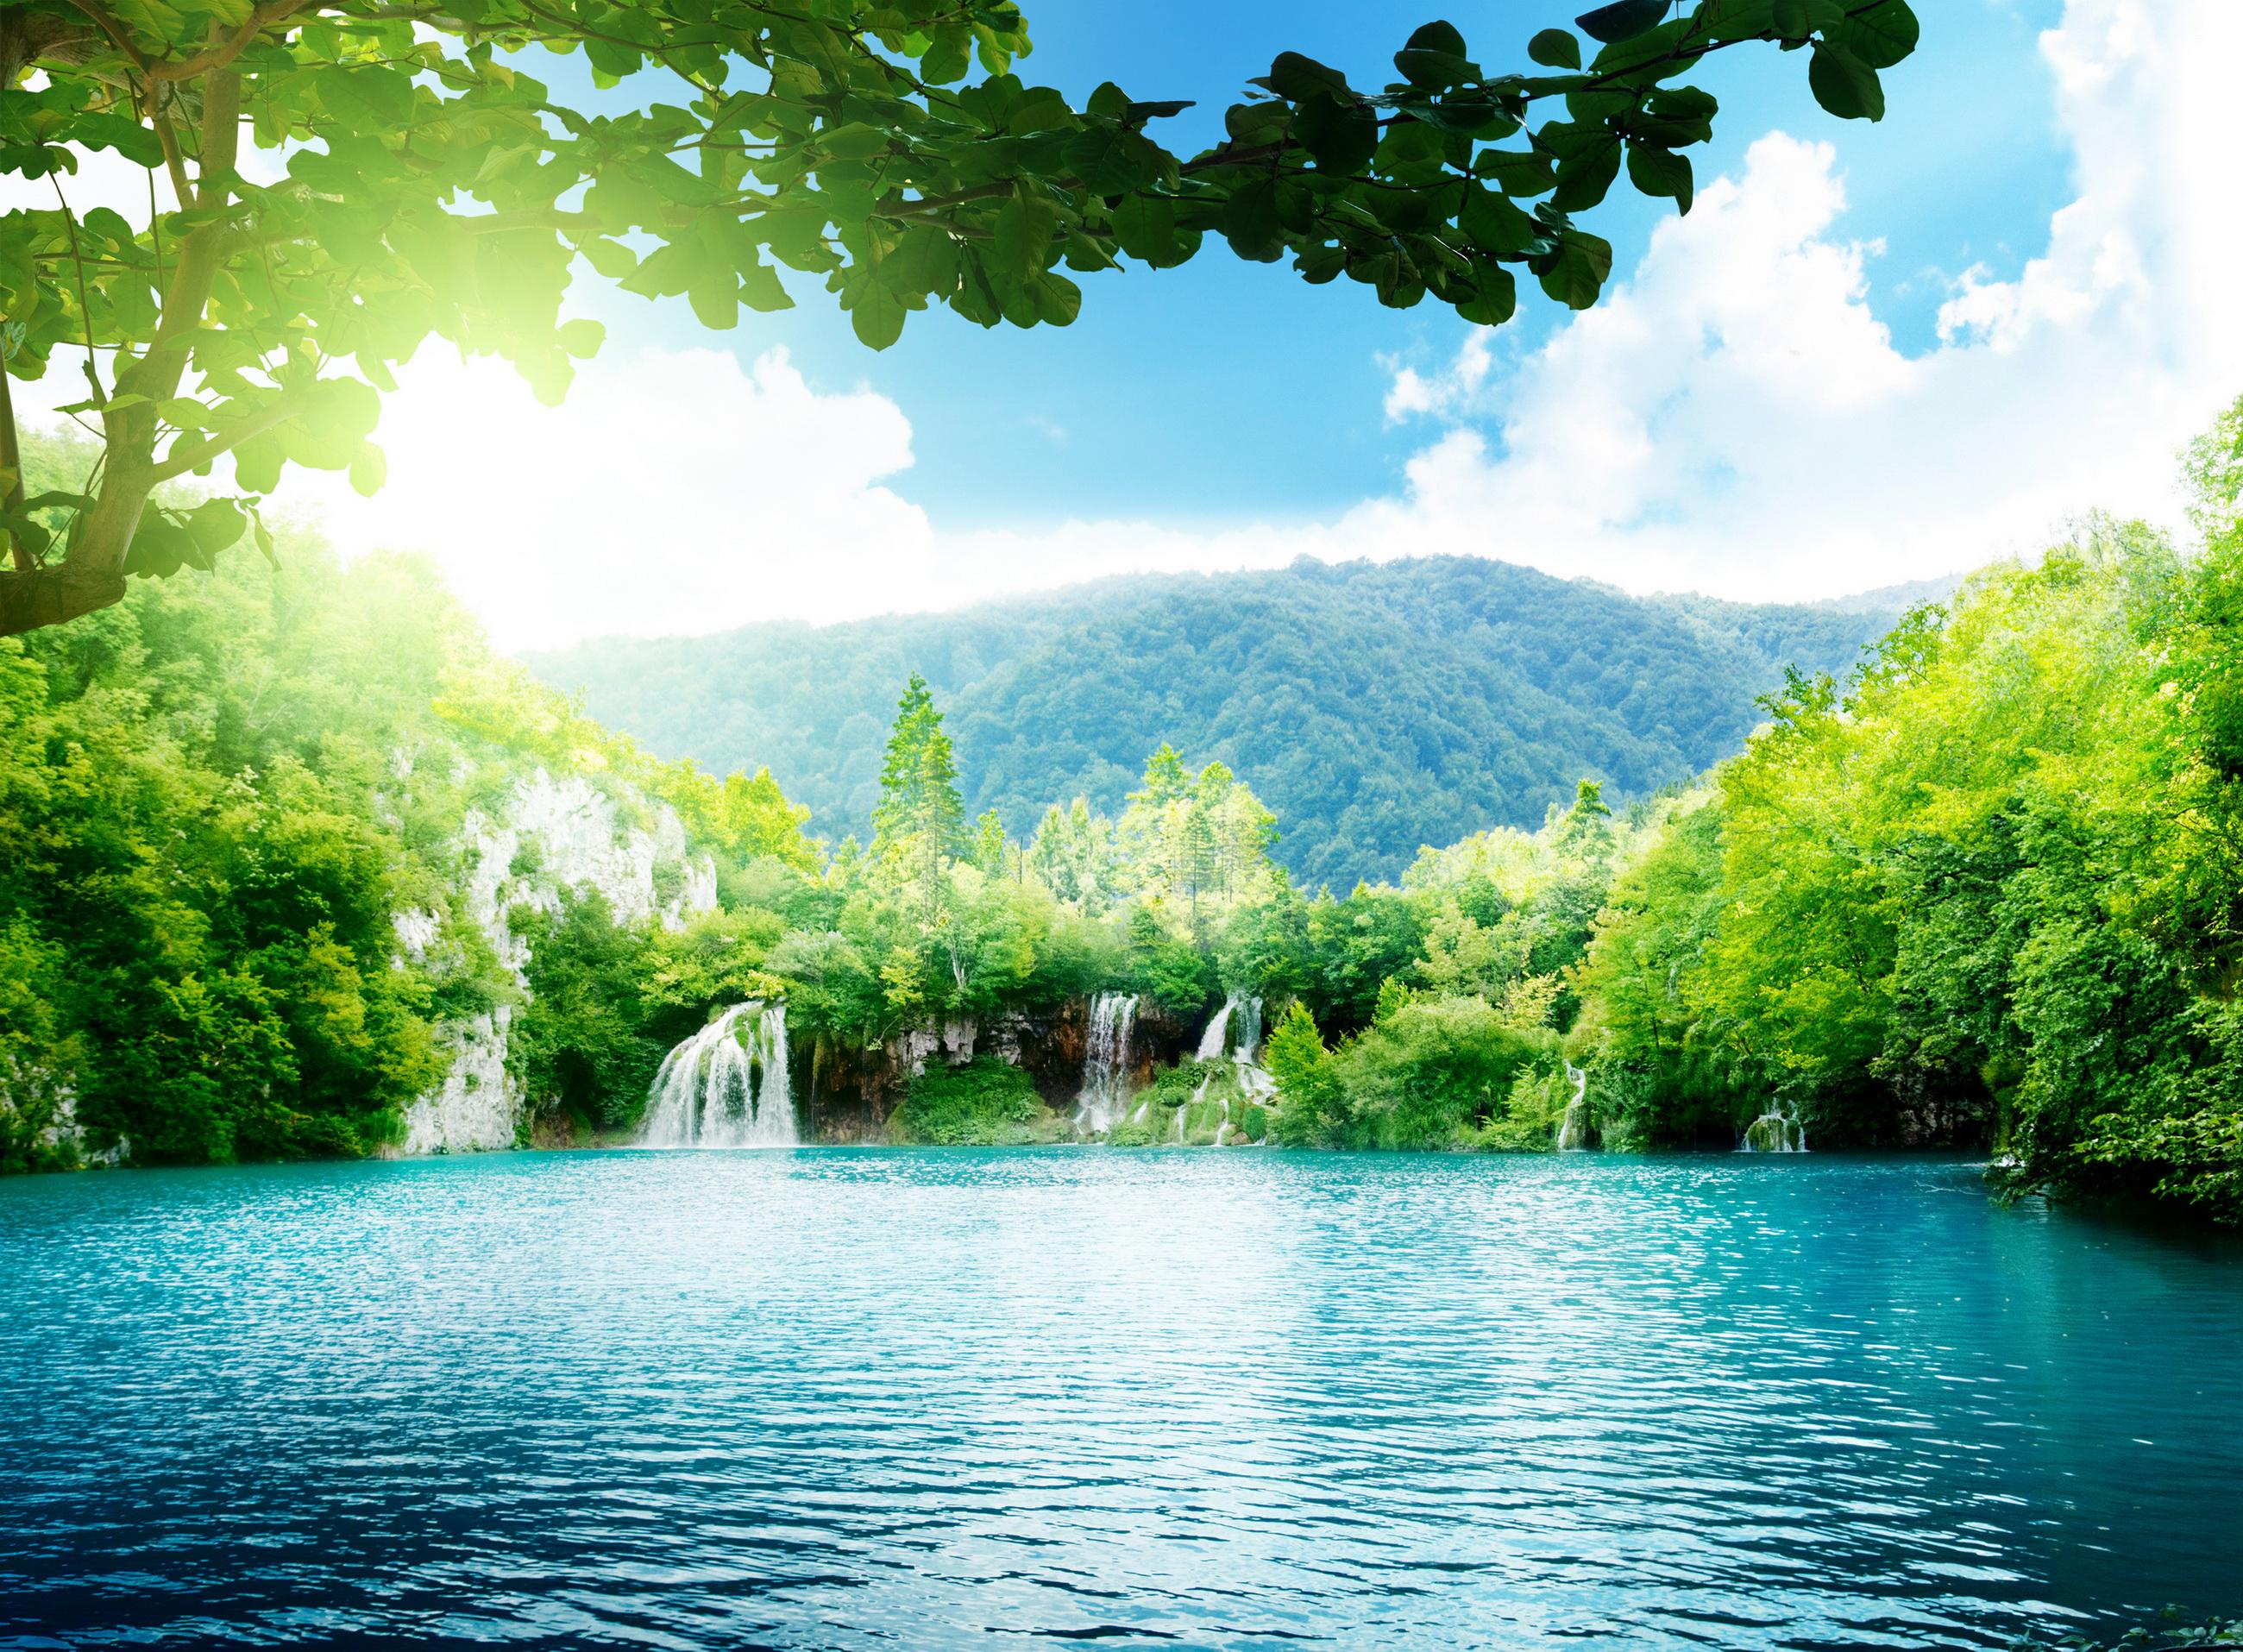 водопад водоем waterfall the pond  № 736695 бесплатно